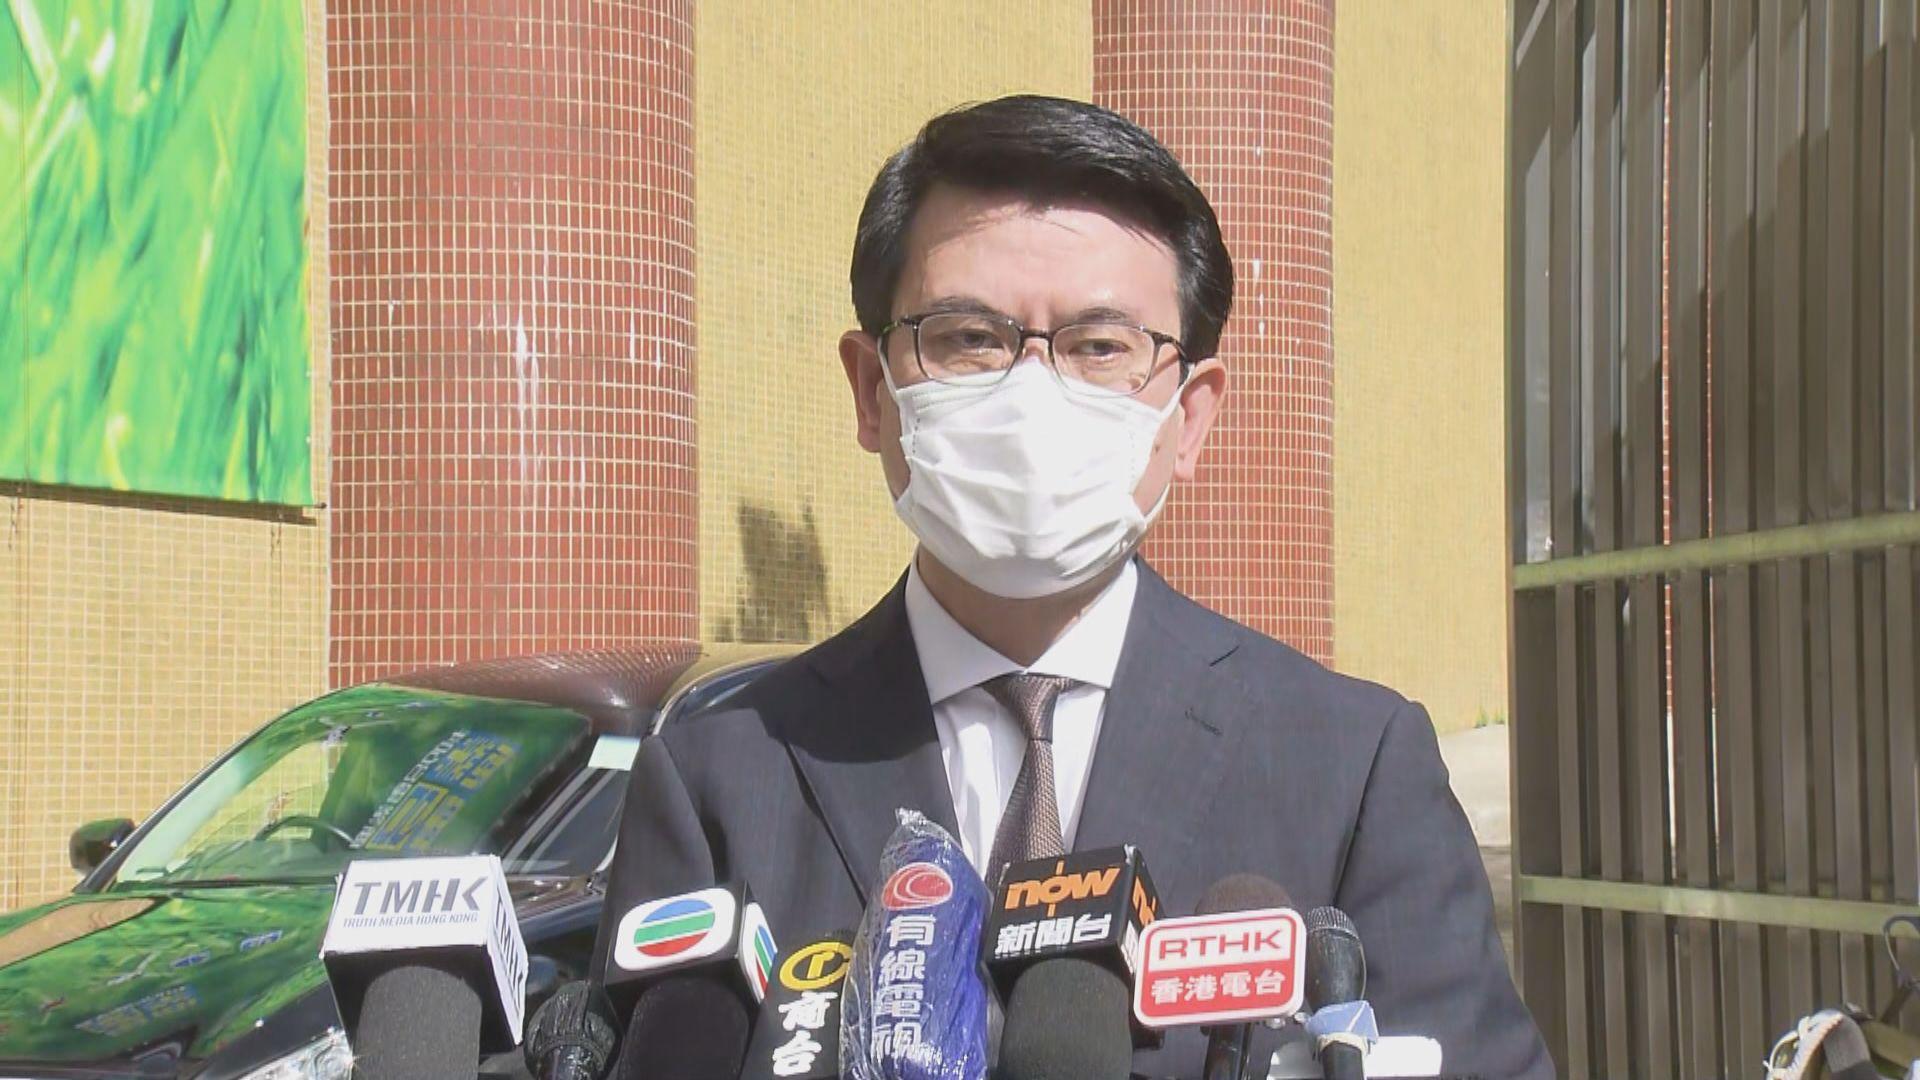 邱騰華:美制裁香港官員屬無理及野蠻